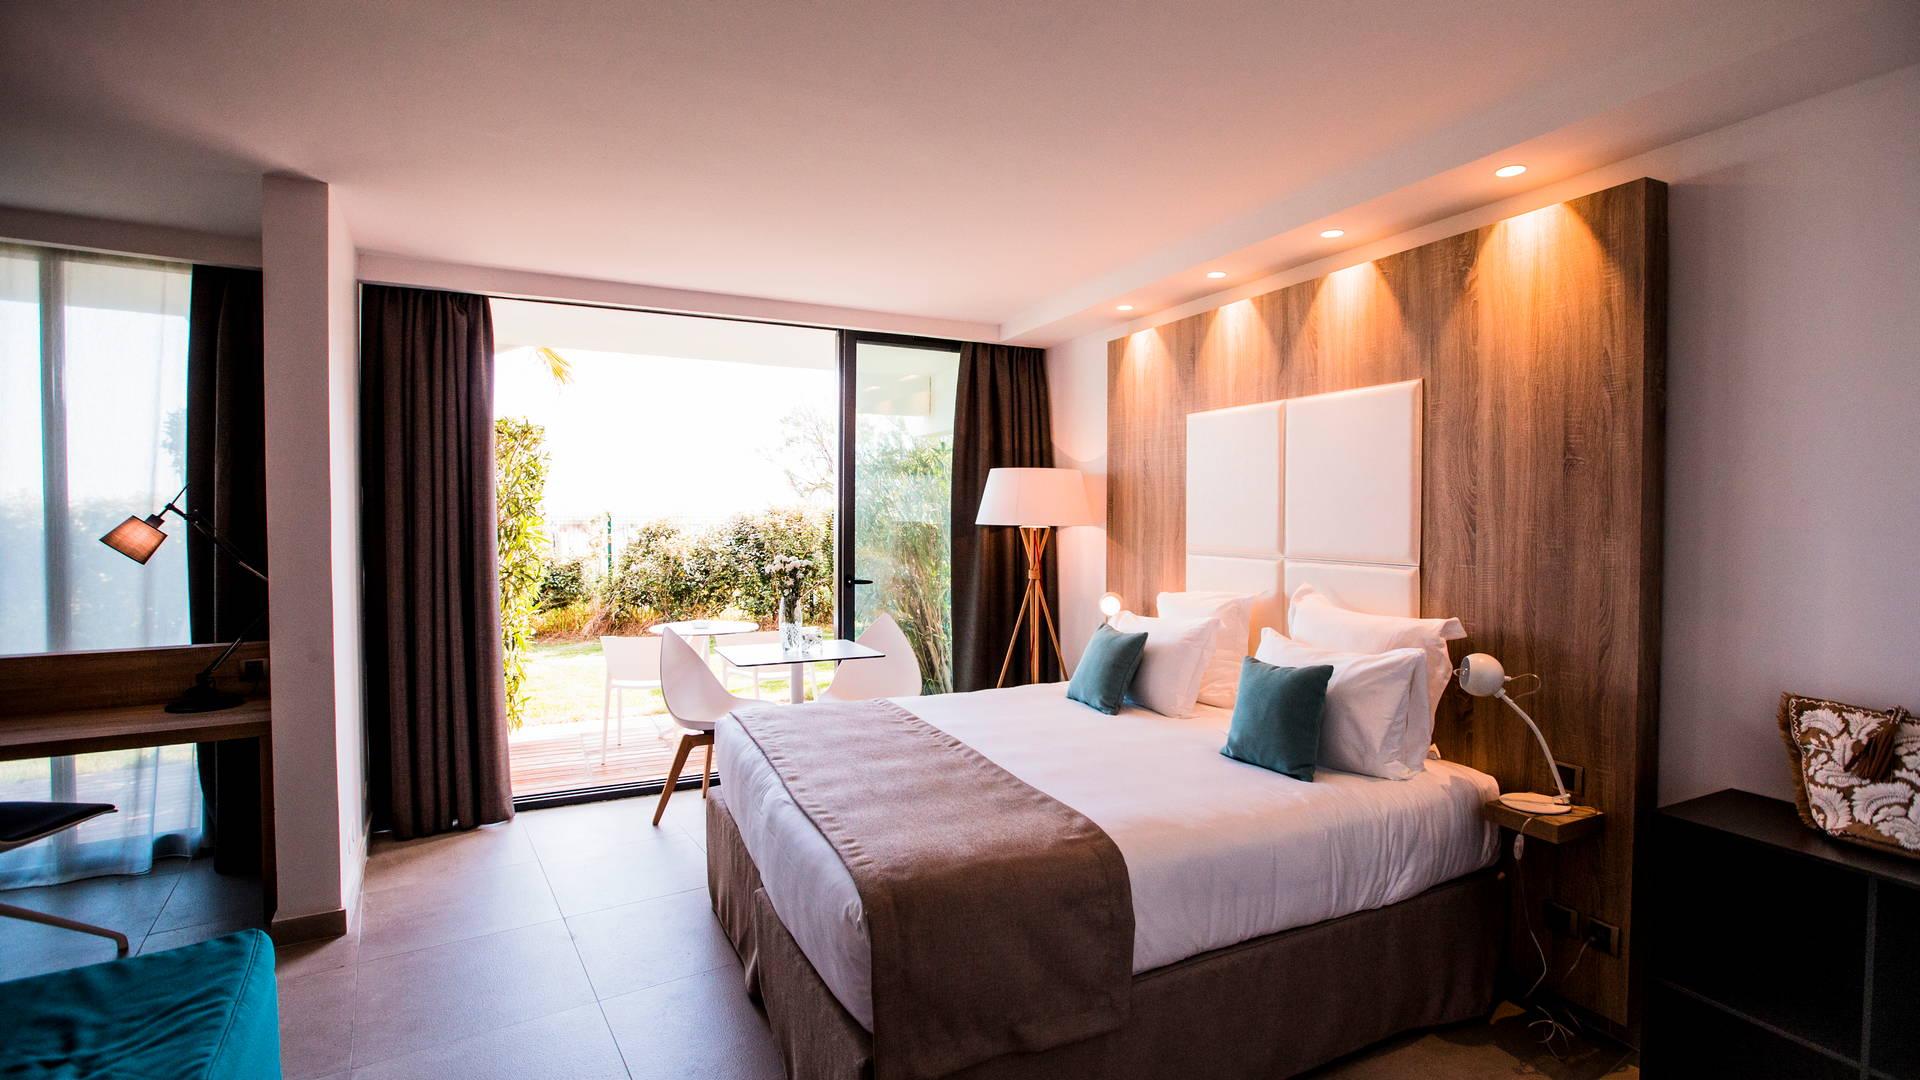 Chambre classique Famille spacieuse et lumineuse situé en rez-de-chaussée avec jardin privatif et lit double, hôtel piscine bord de mer, Hôtel La Plage.